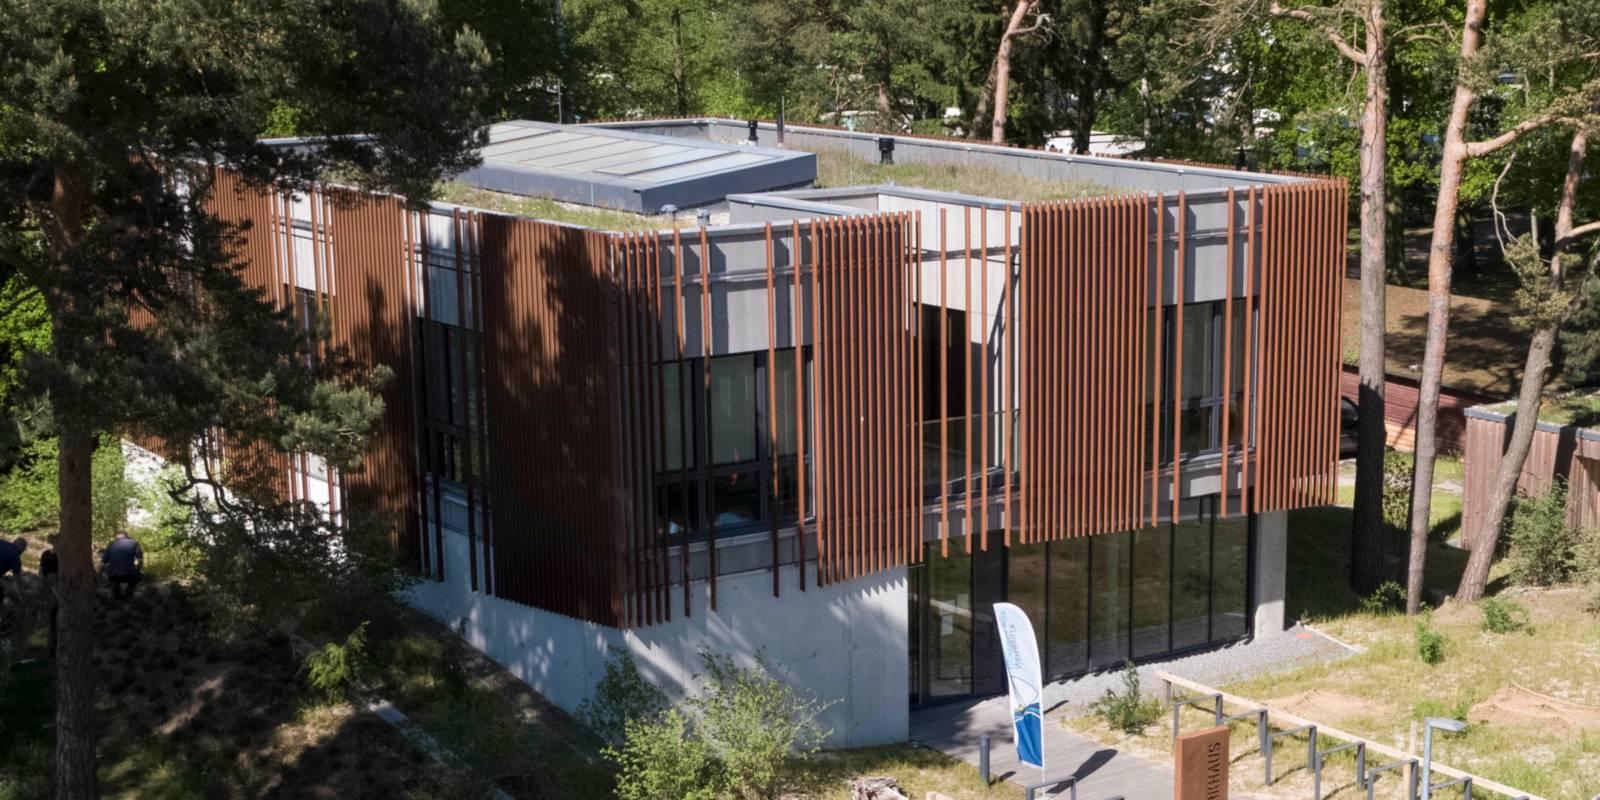 Vogelperspektive: Neubau mit besonderer Fassade aus Metallelementen. Das Gebäude ist eingebettet in die umgebende Dünenlandschaft und liegt direkt am Steinhuder Meer Rundweg.